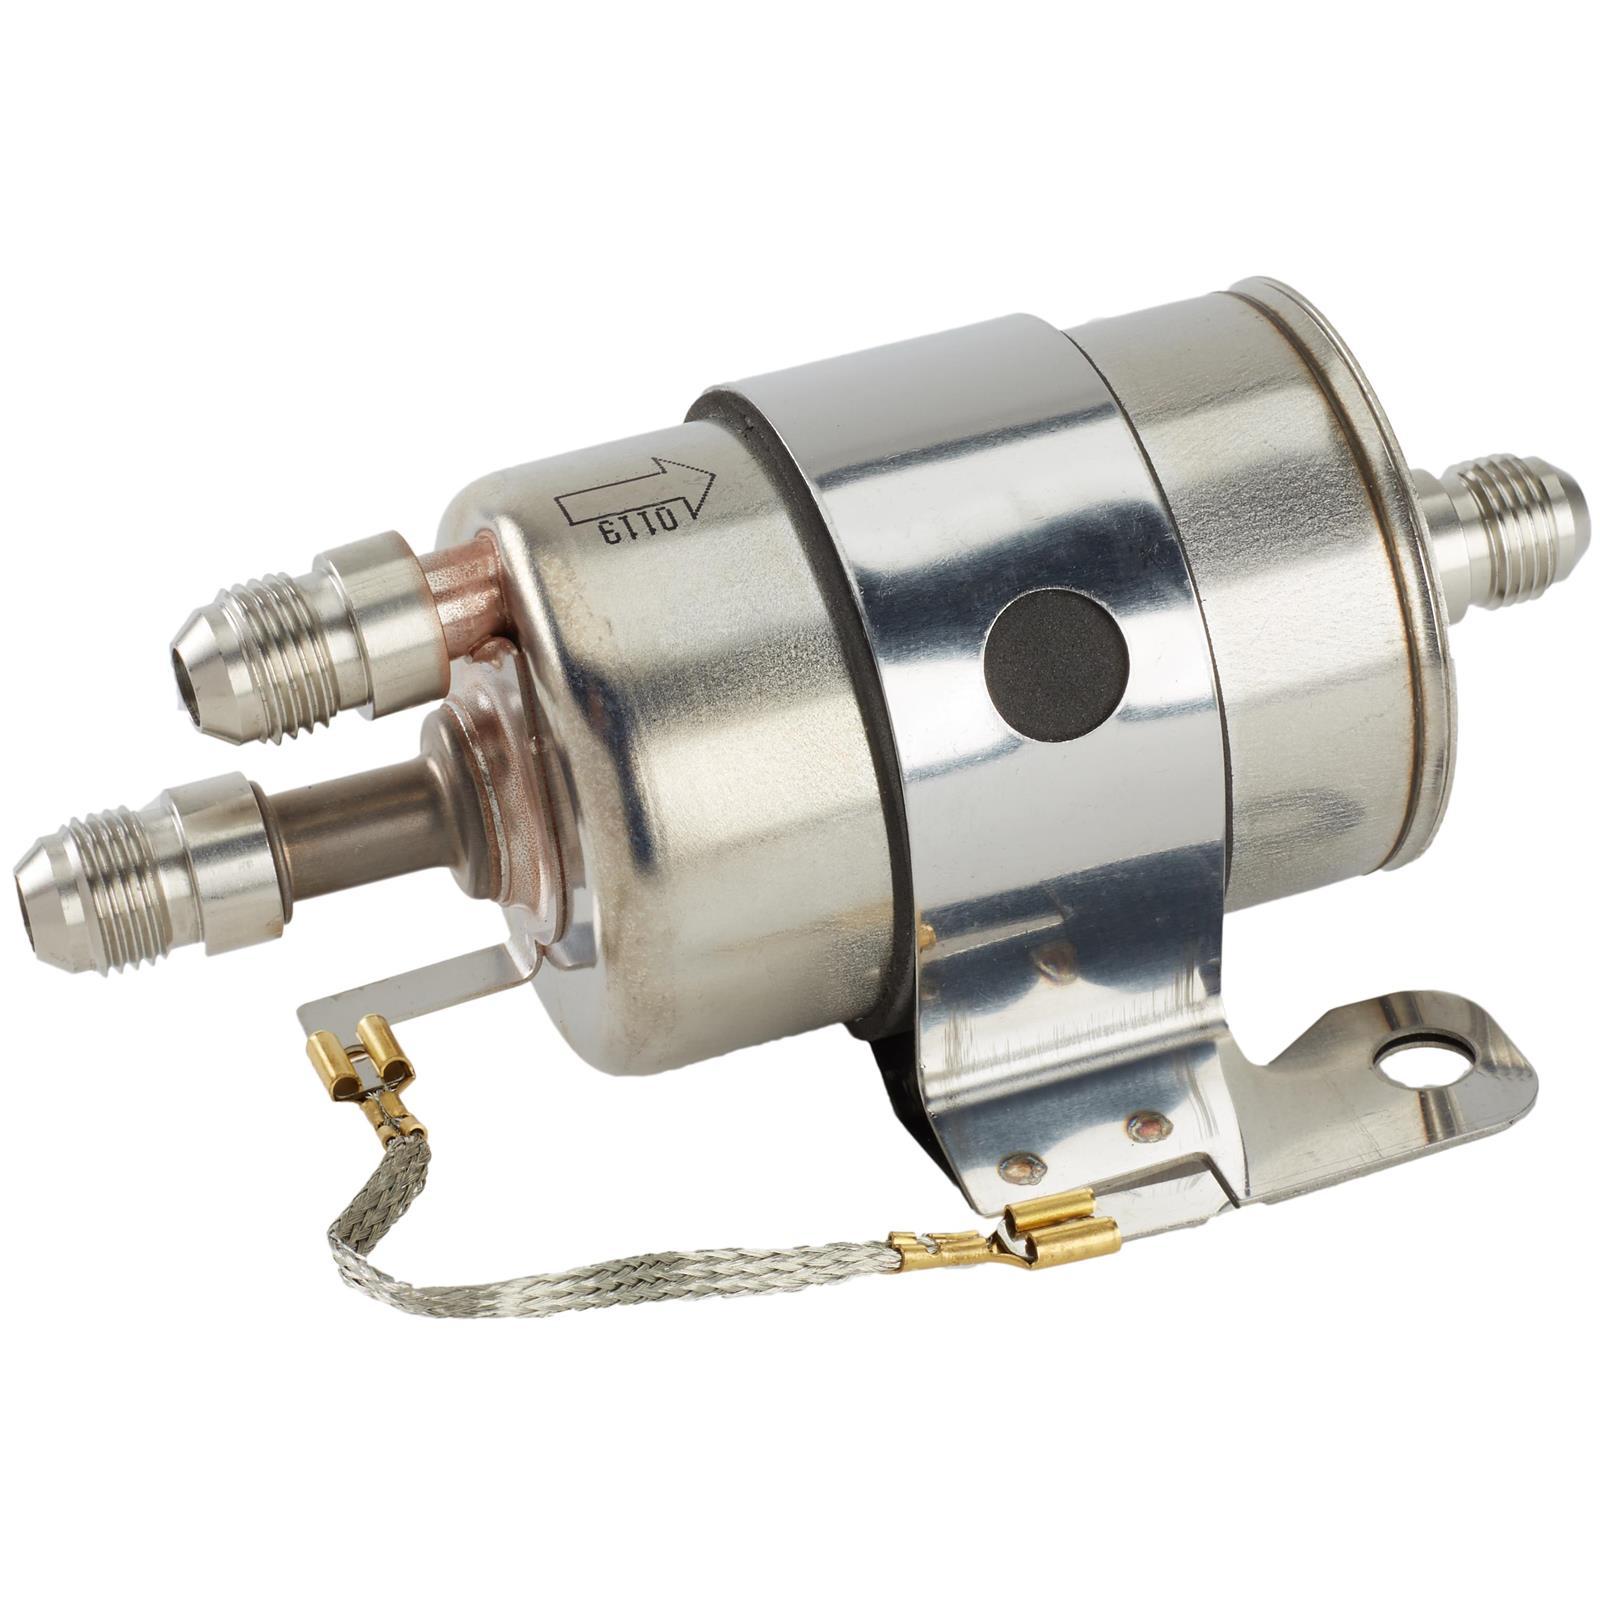 Speedway Deluxe AN6 GM LS Swap Fuel Filter/Regulator, 58 PSISpeedway Motors